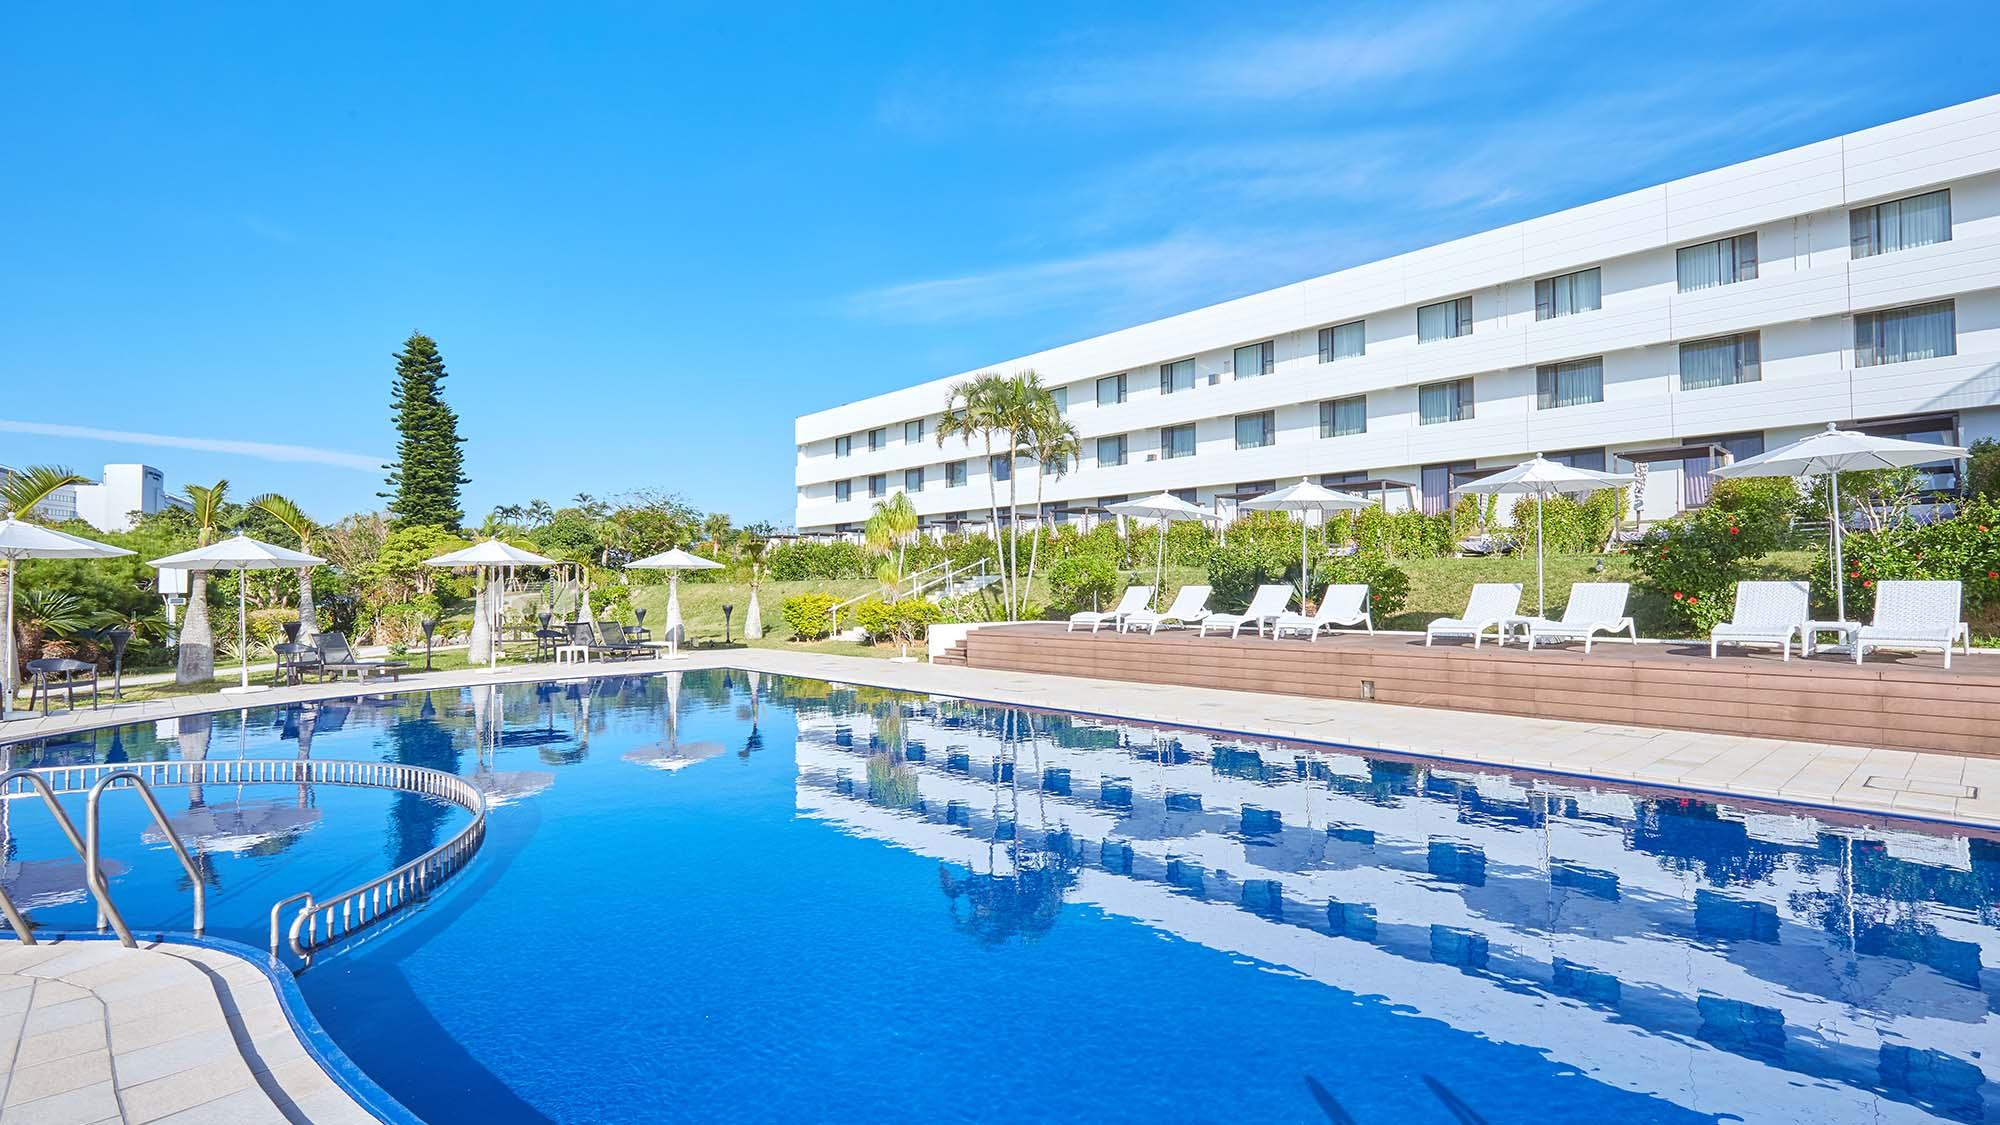 センチュリオンホテルリゾートヴィンテージ沖縄美ら海...